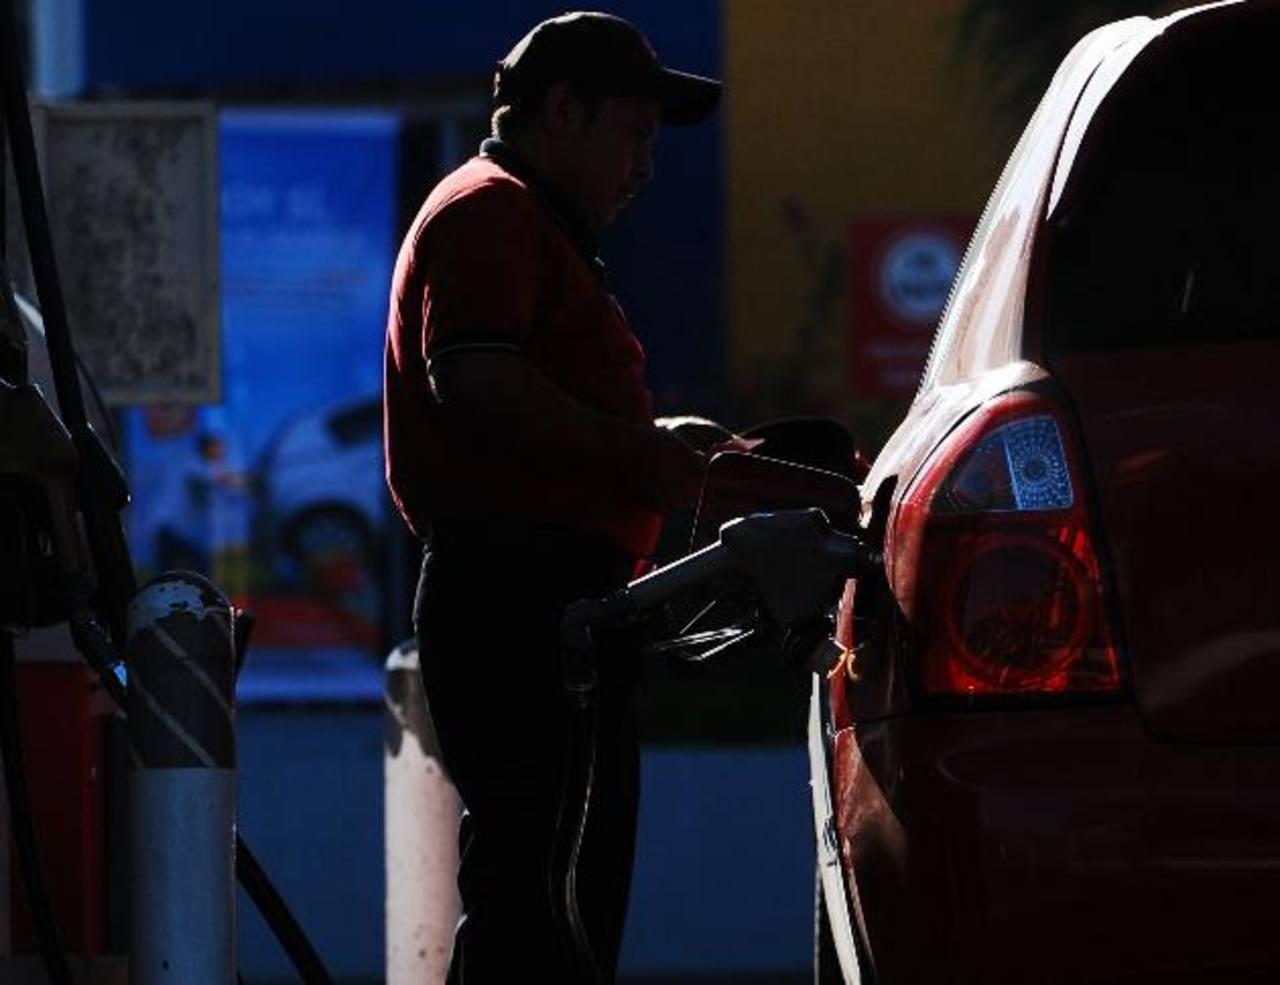 Entre $0.05 y $0.10 suben los precios de los combustibles